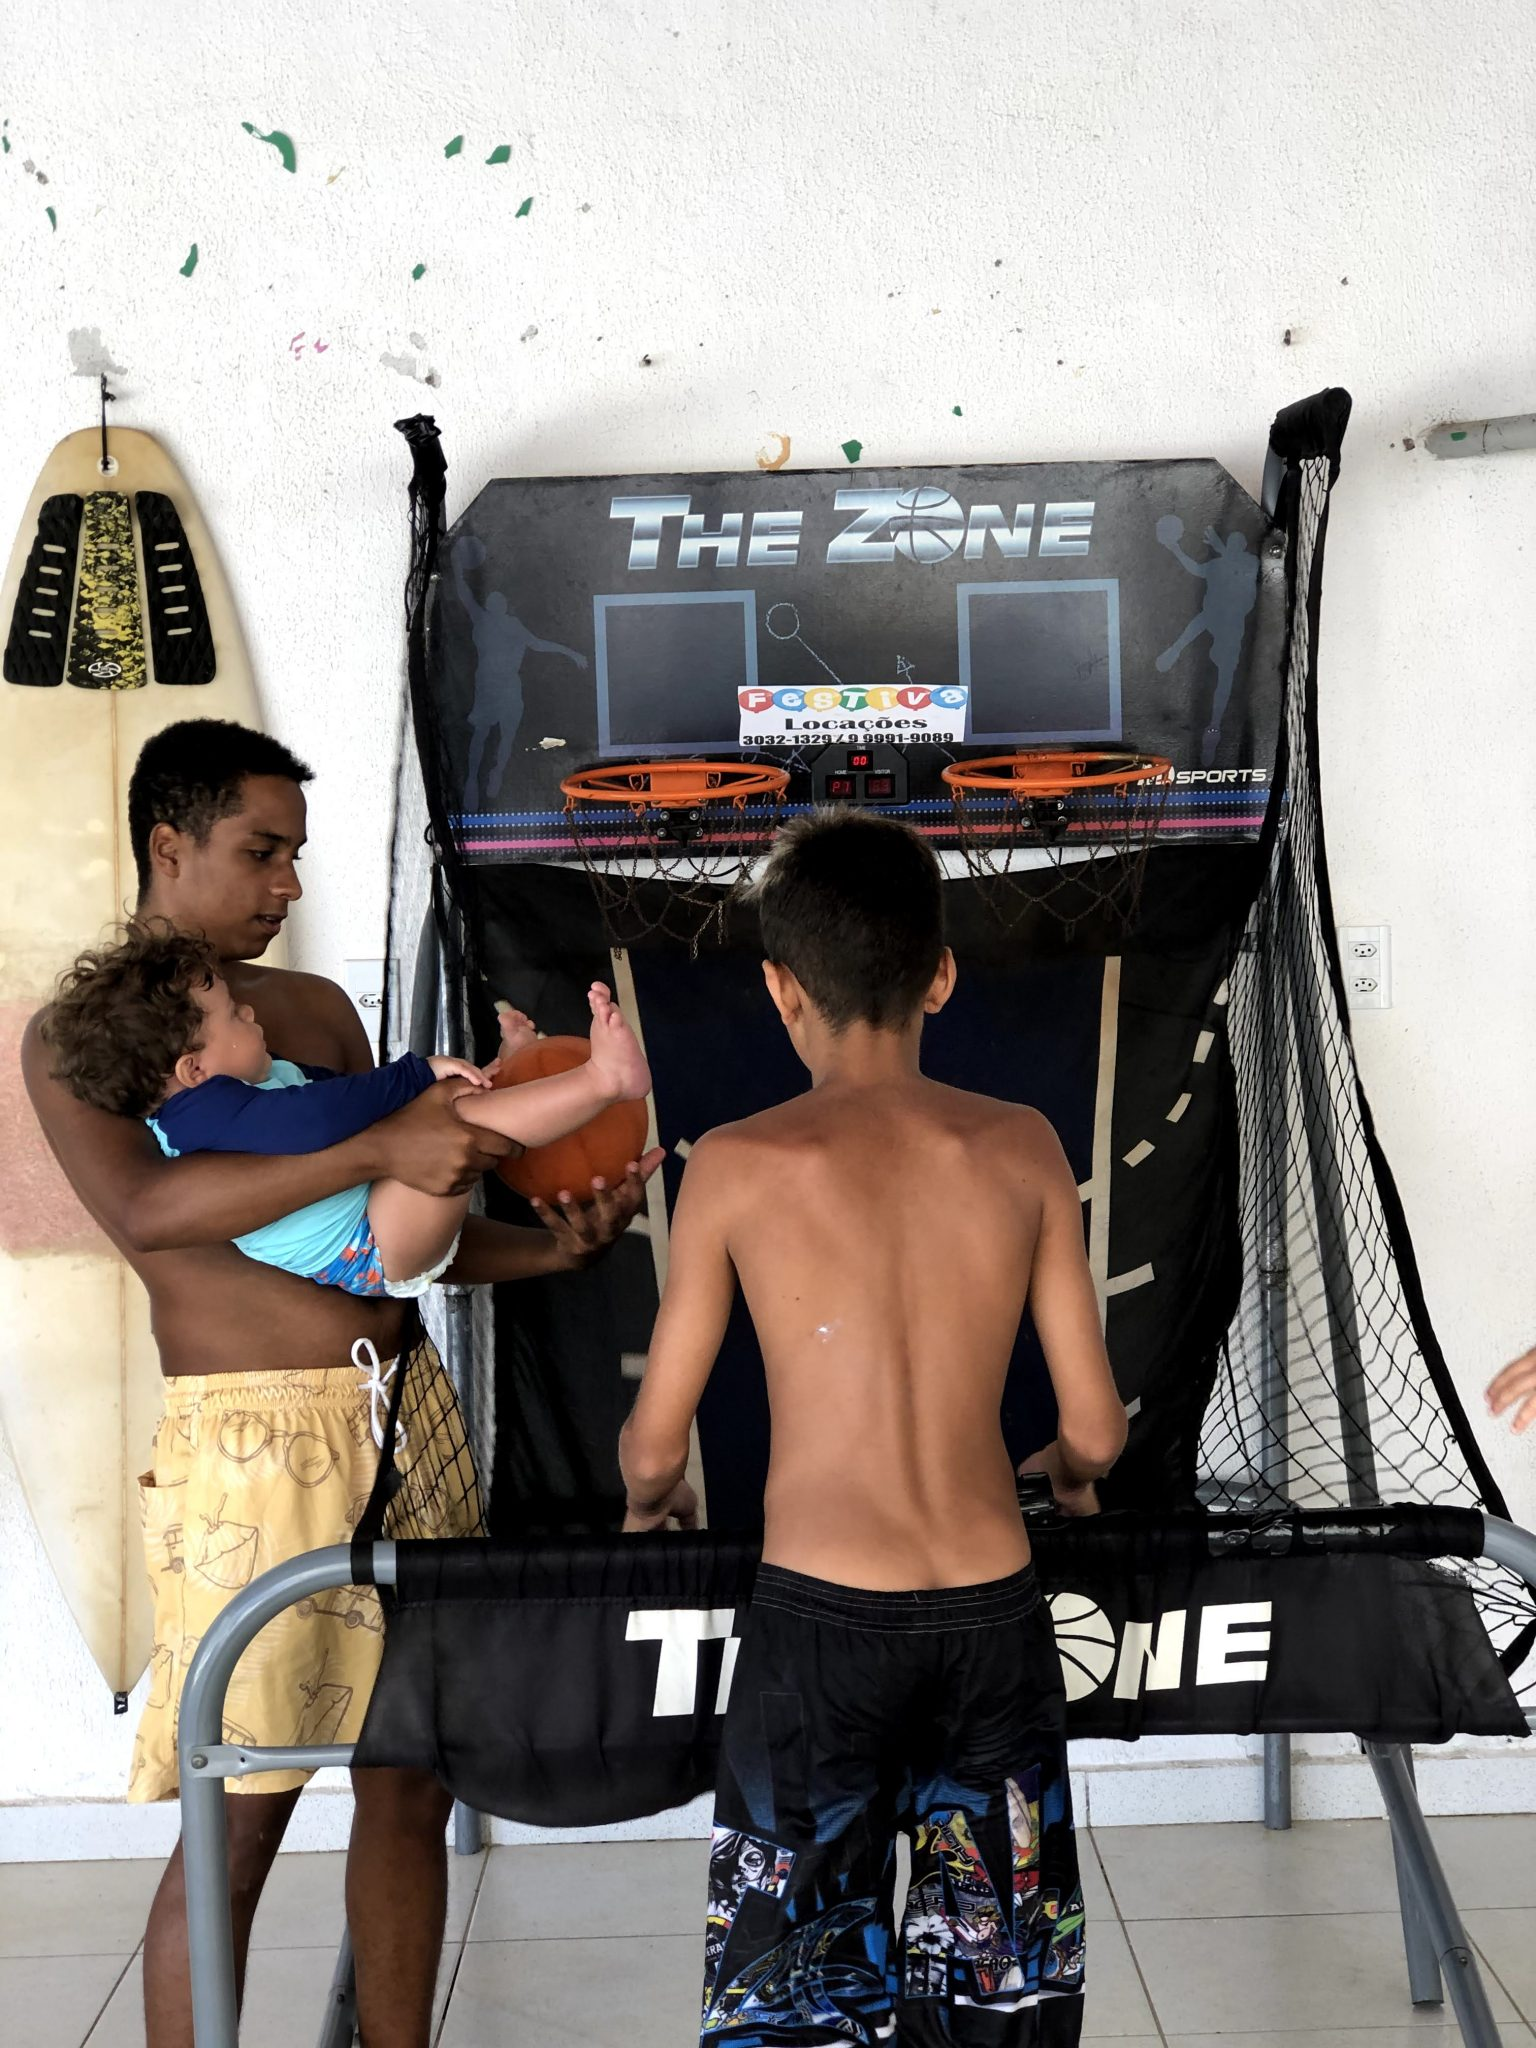 meninos brincando com videogame